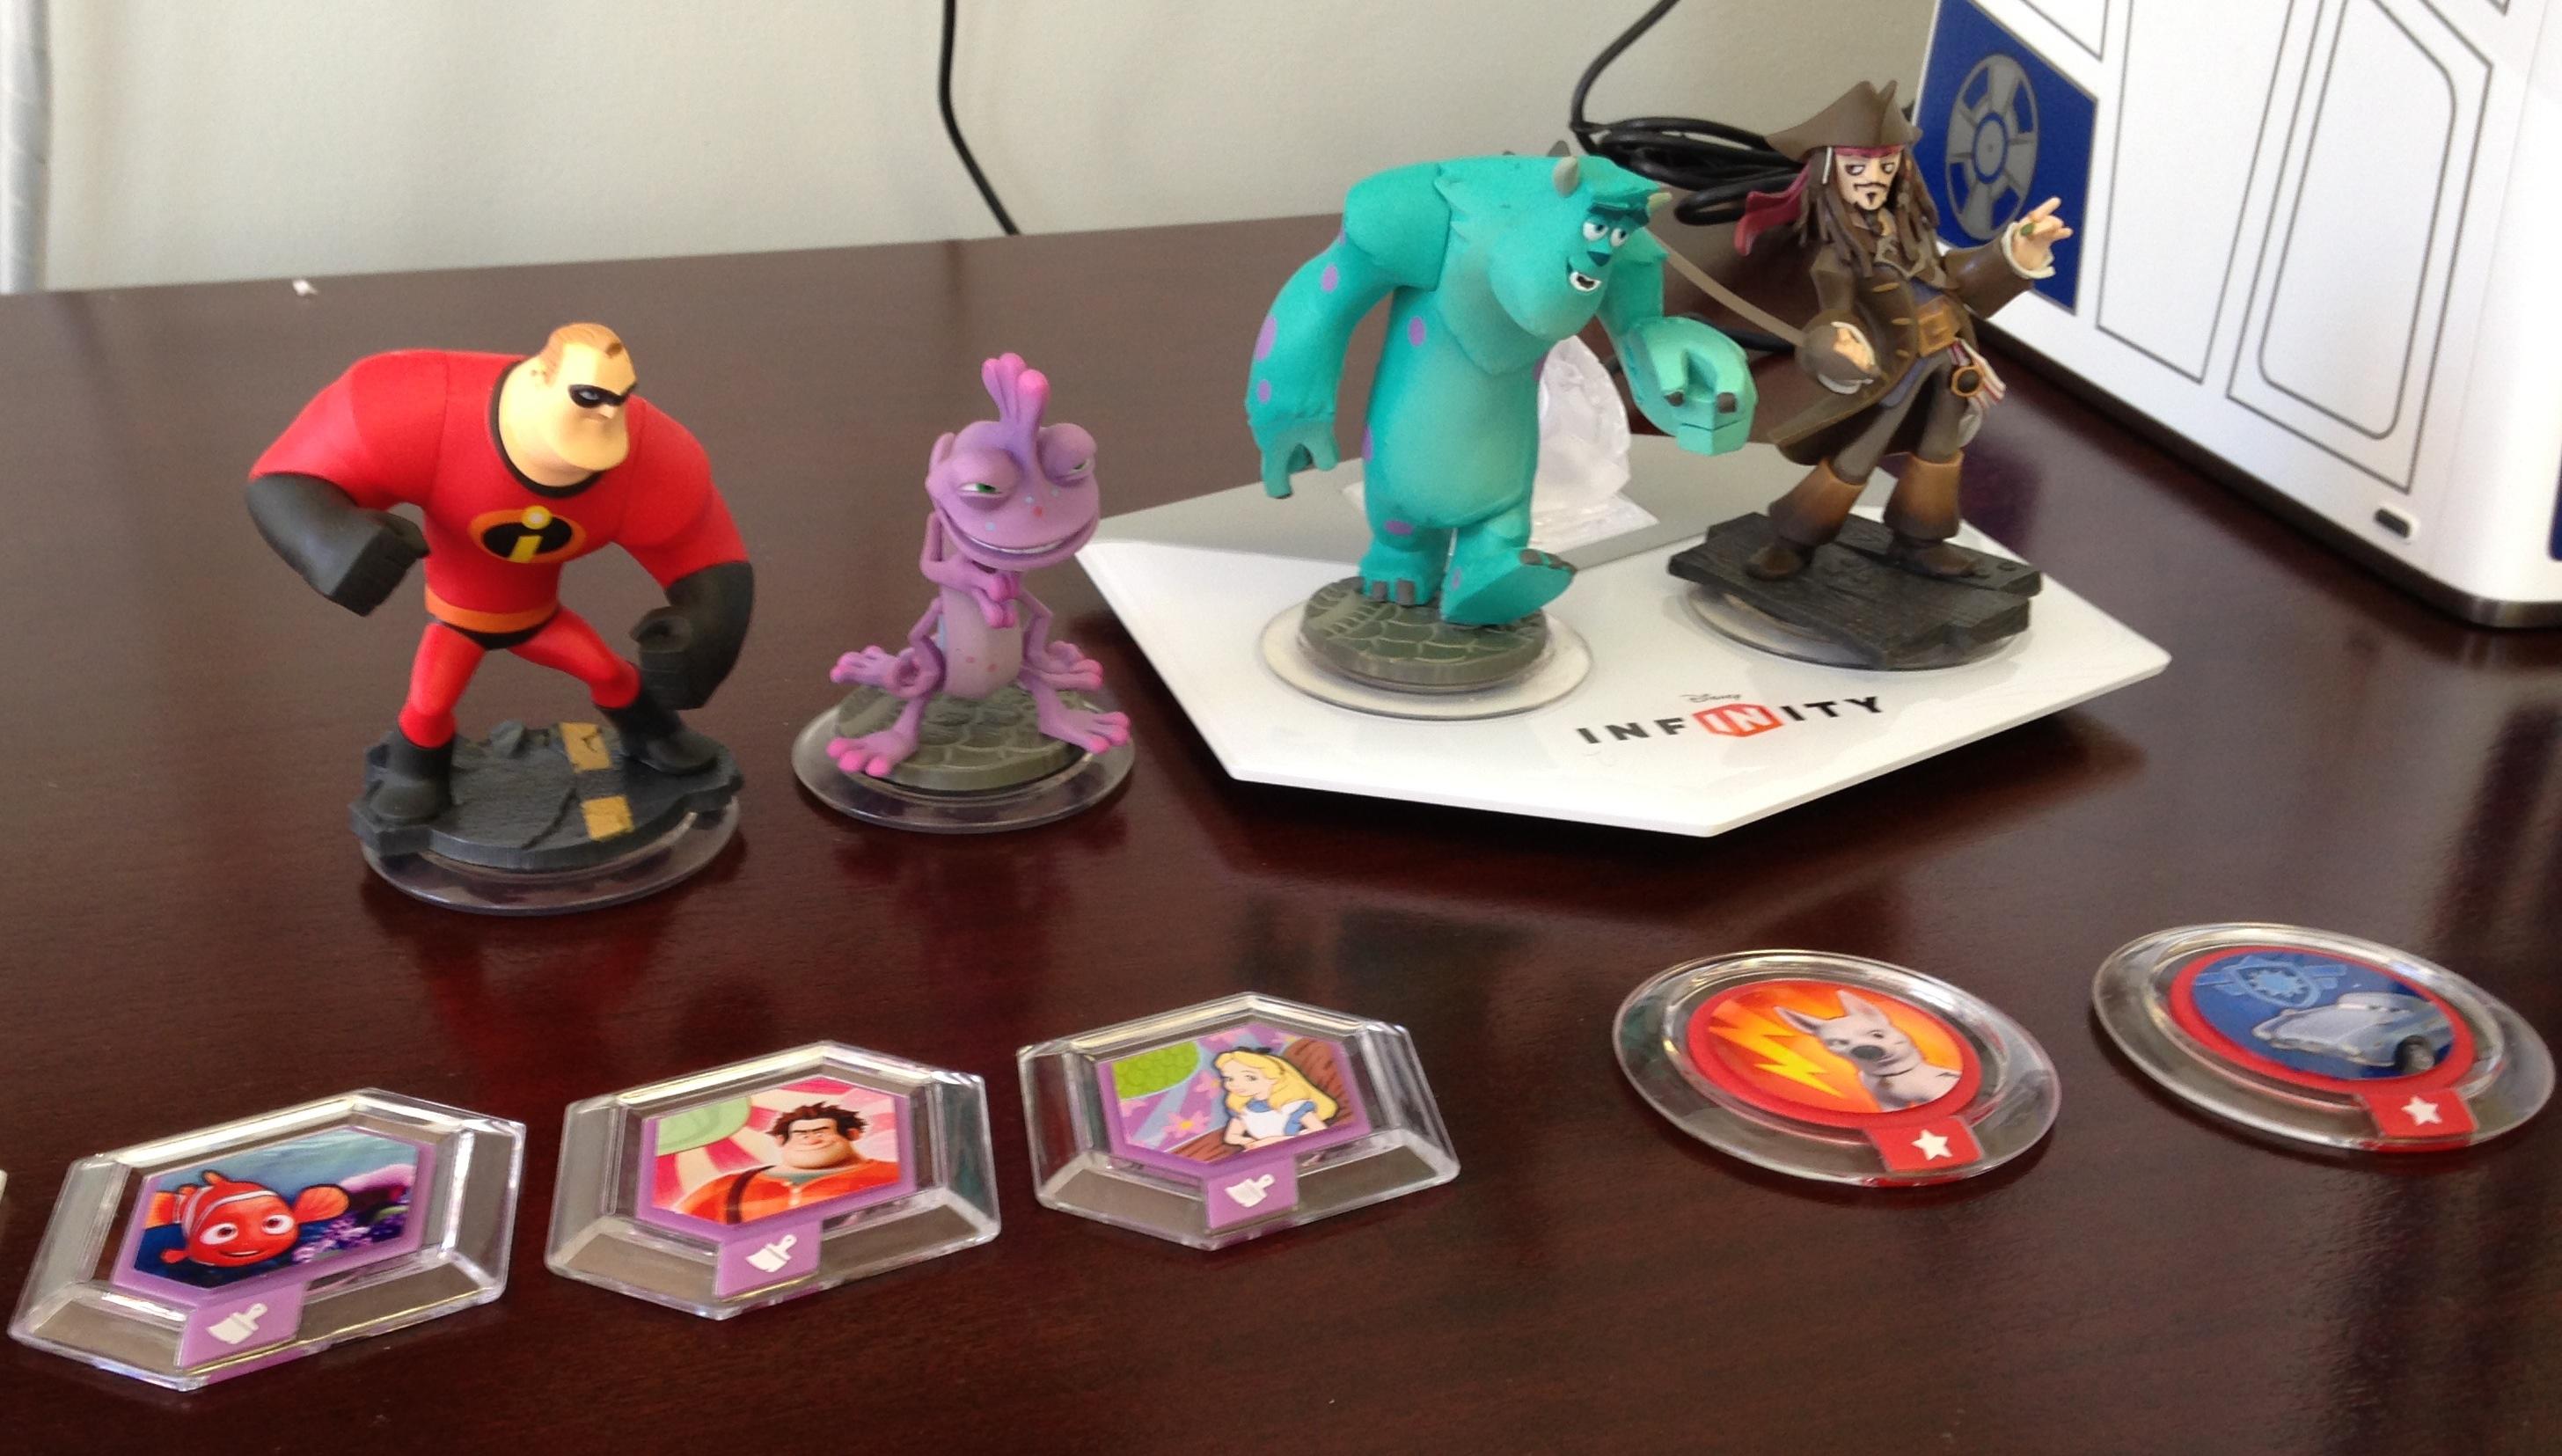 figurines & discs